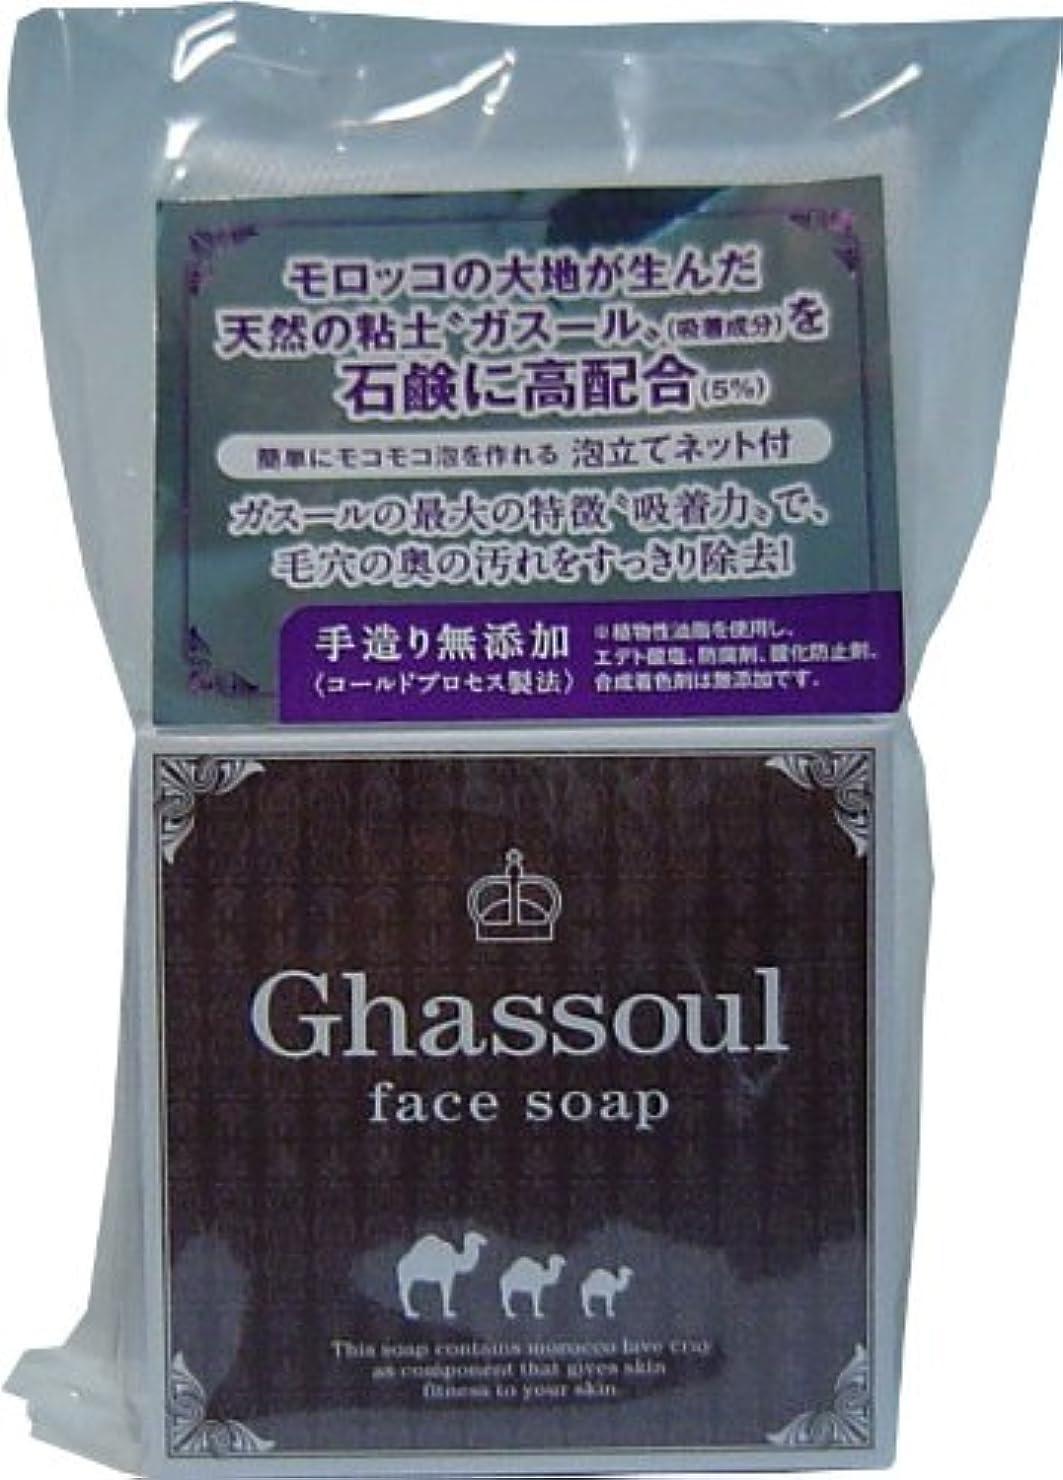 デイジー快い滅多【セット品】Ghassoul face soap ガスールフェイスソープ 100g 4個